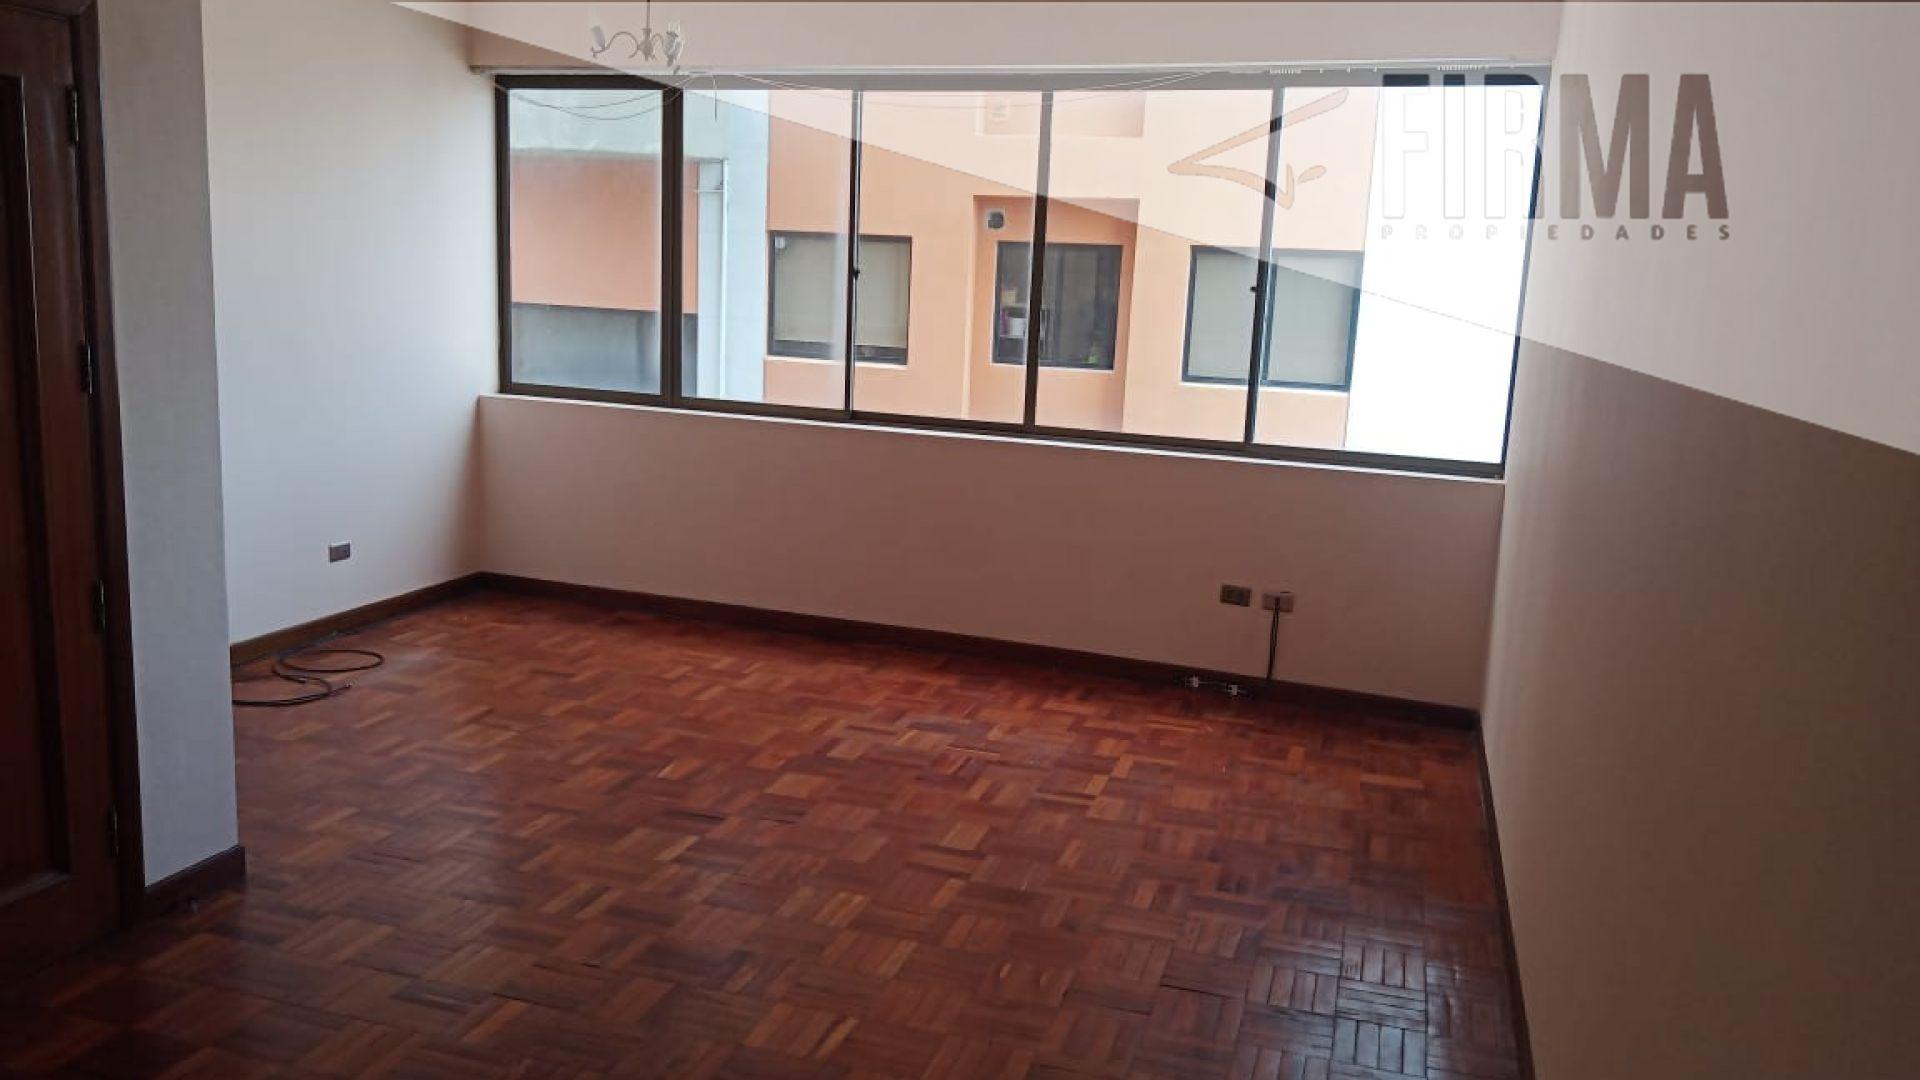 Departamento en Alquiler ALQUILA ESTE DEPARTAMENTO EN CALACOTO Foto 6